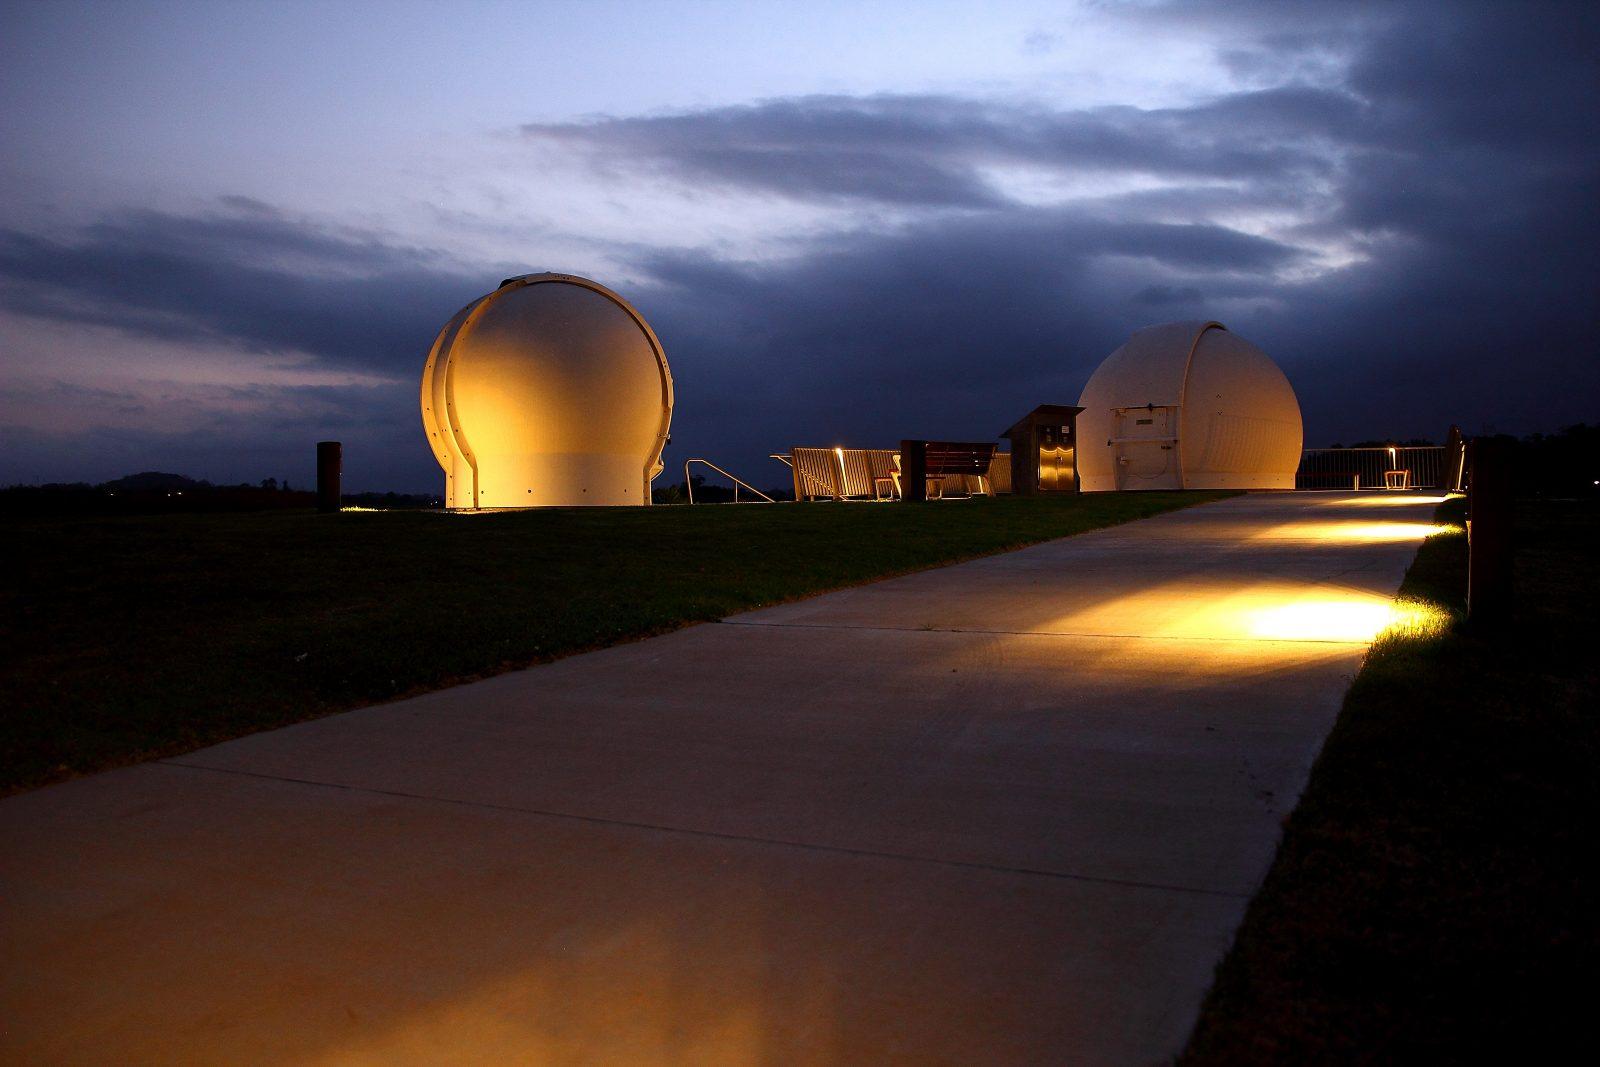 Observatory after sunset